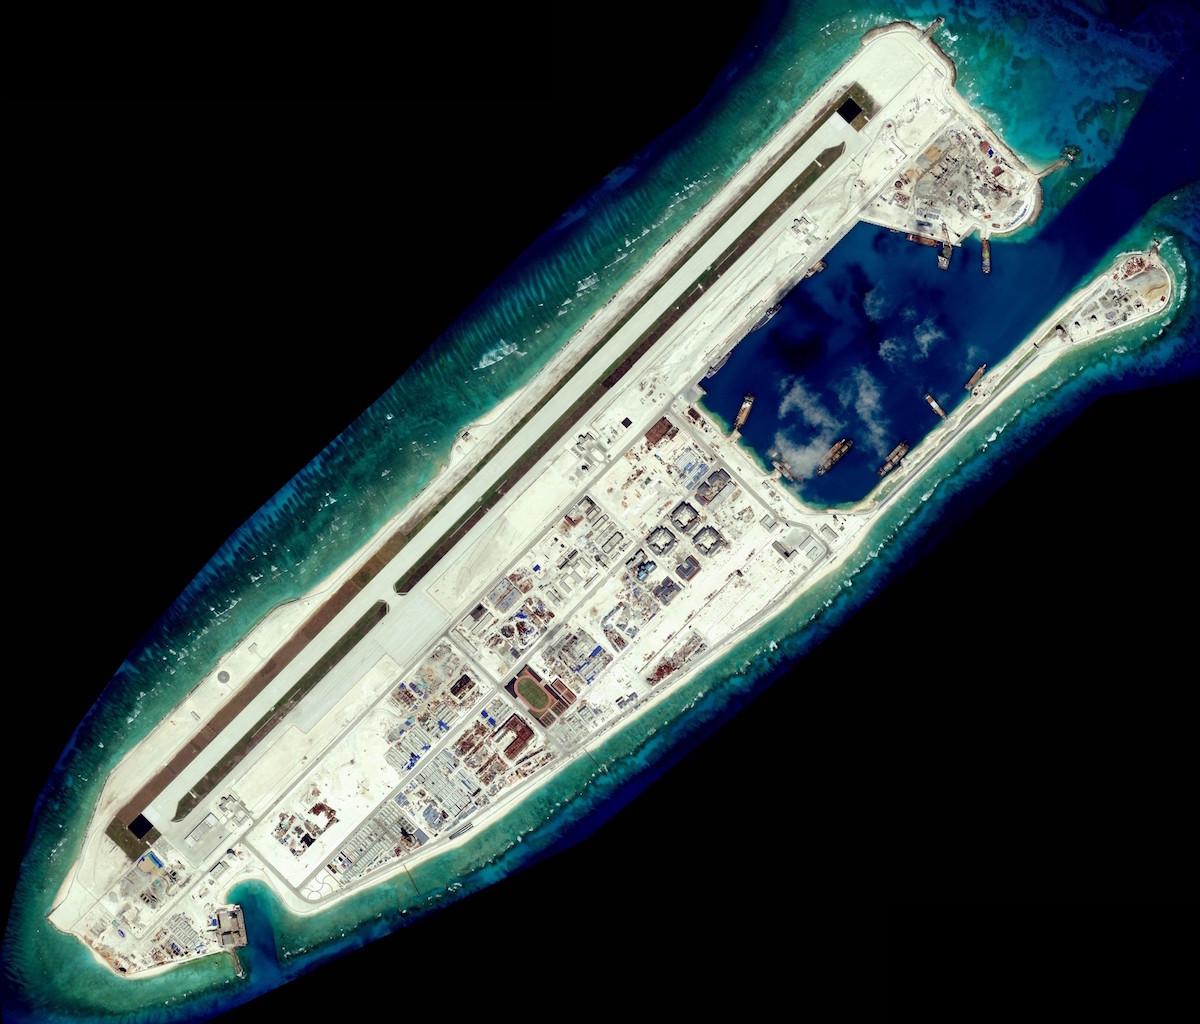 ファイアリー・クロス礁